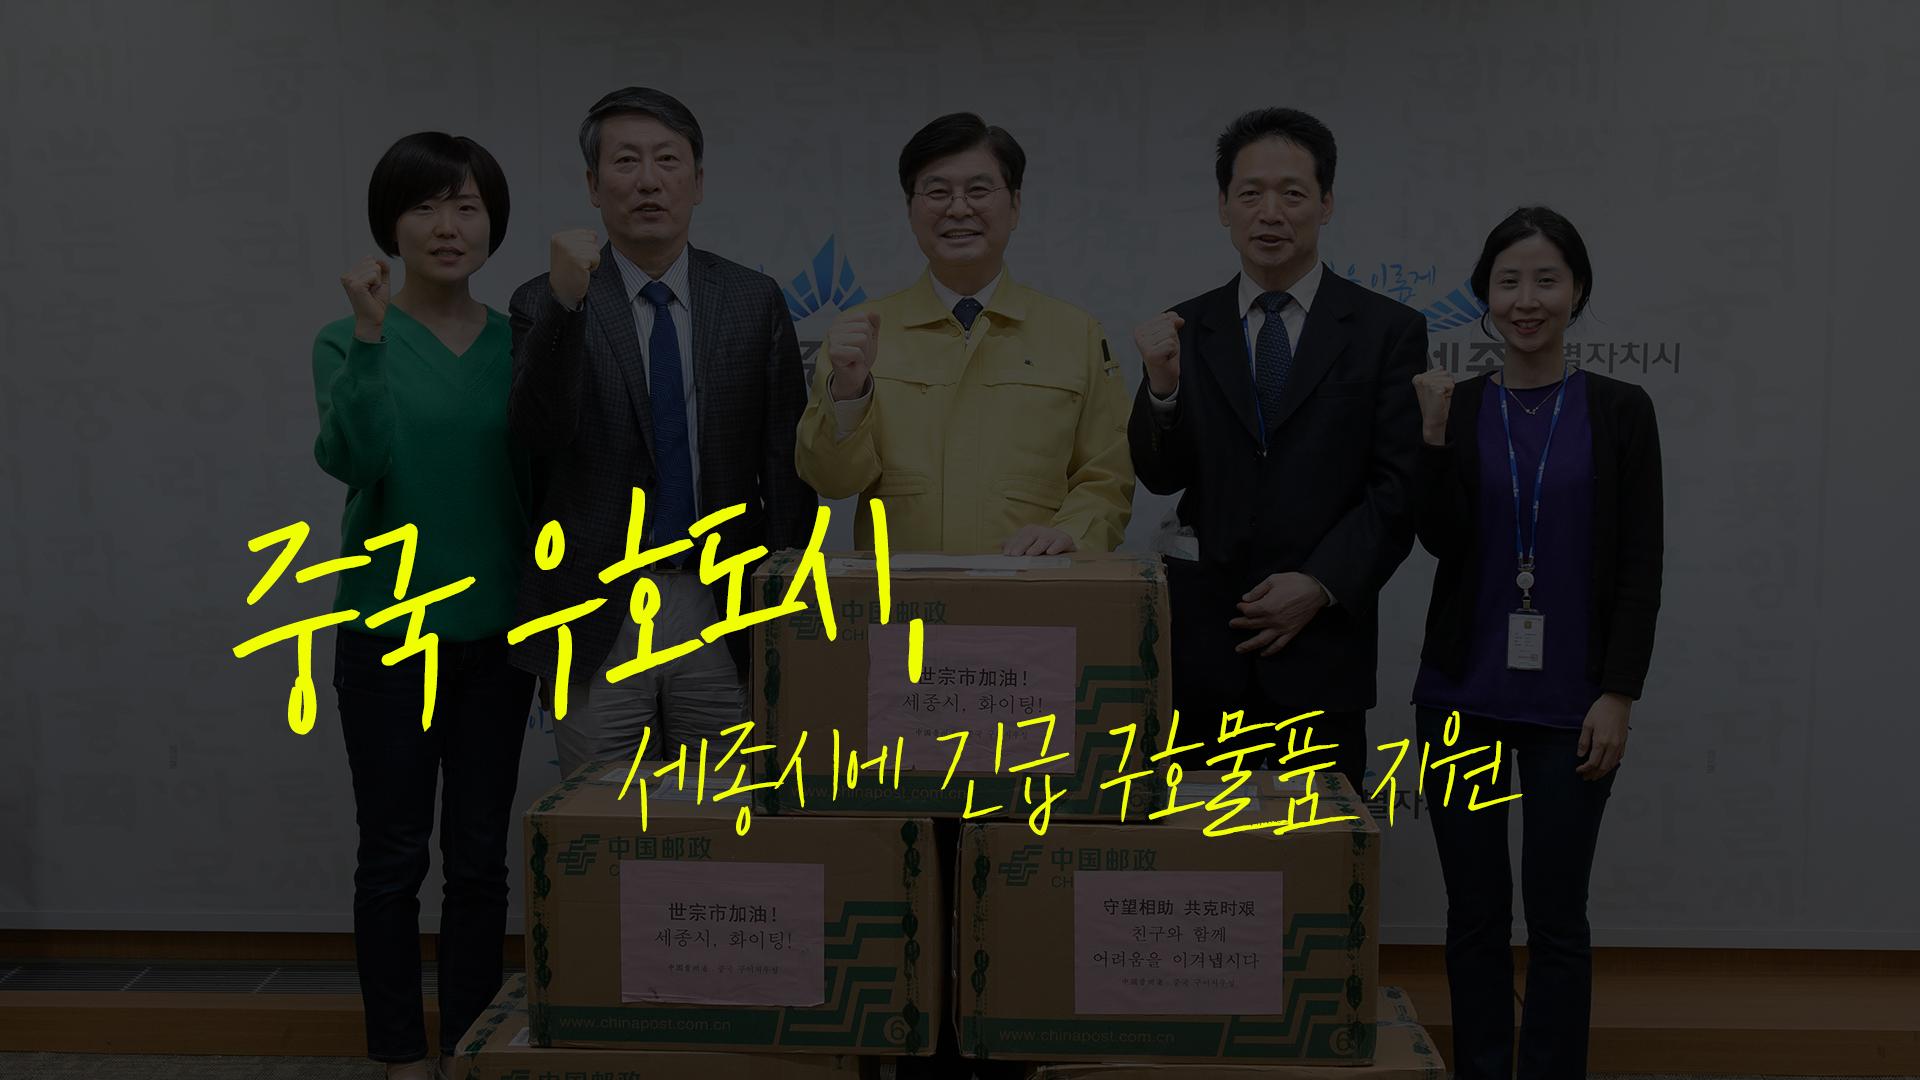 구이저우성 코로나 긴급구호 물품 감사 인사